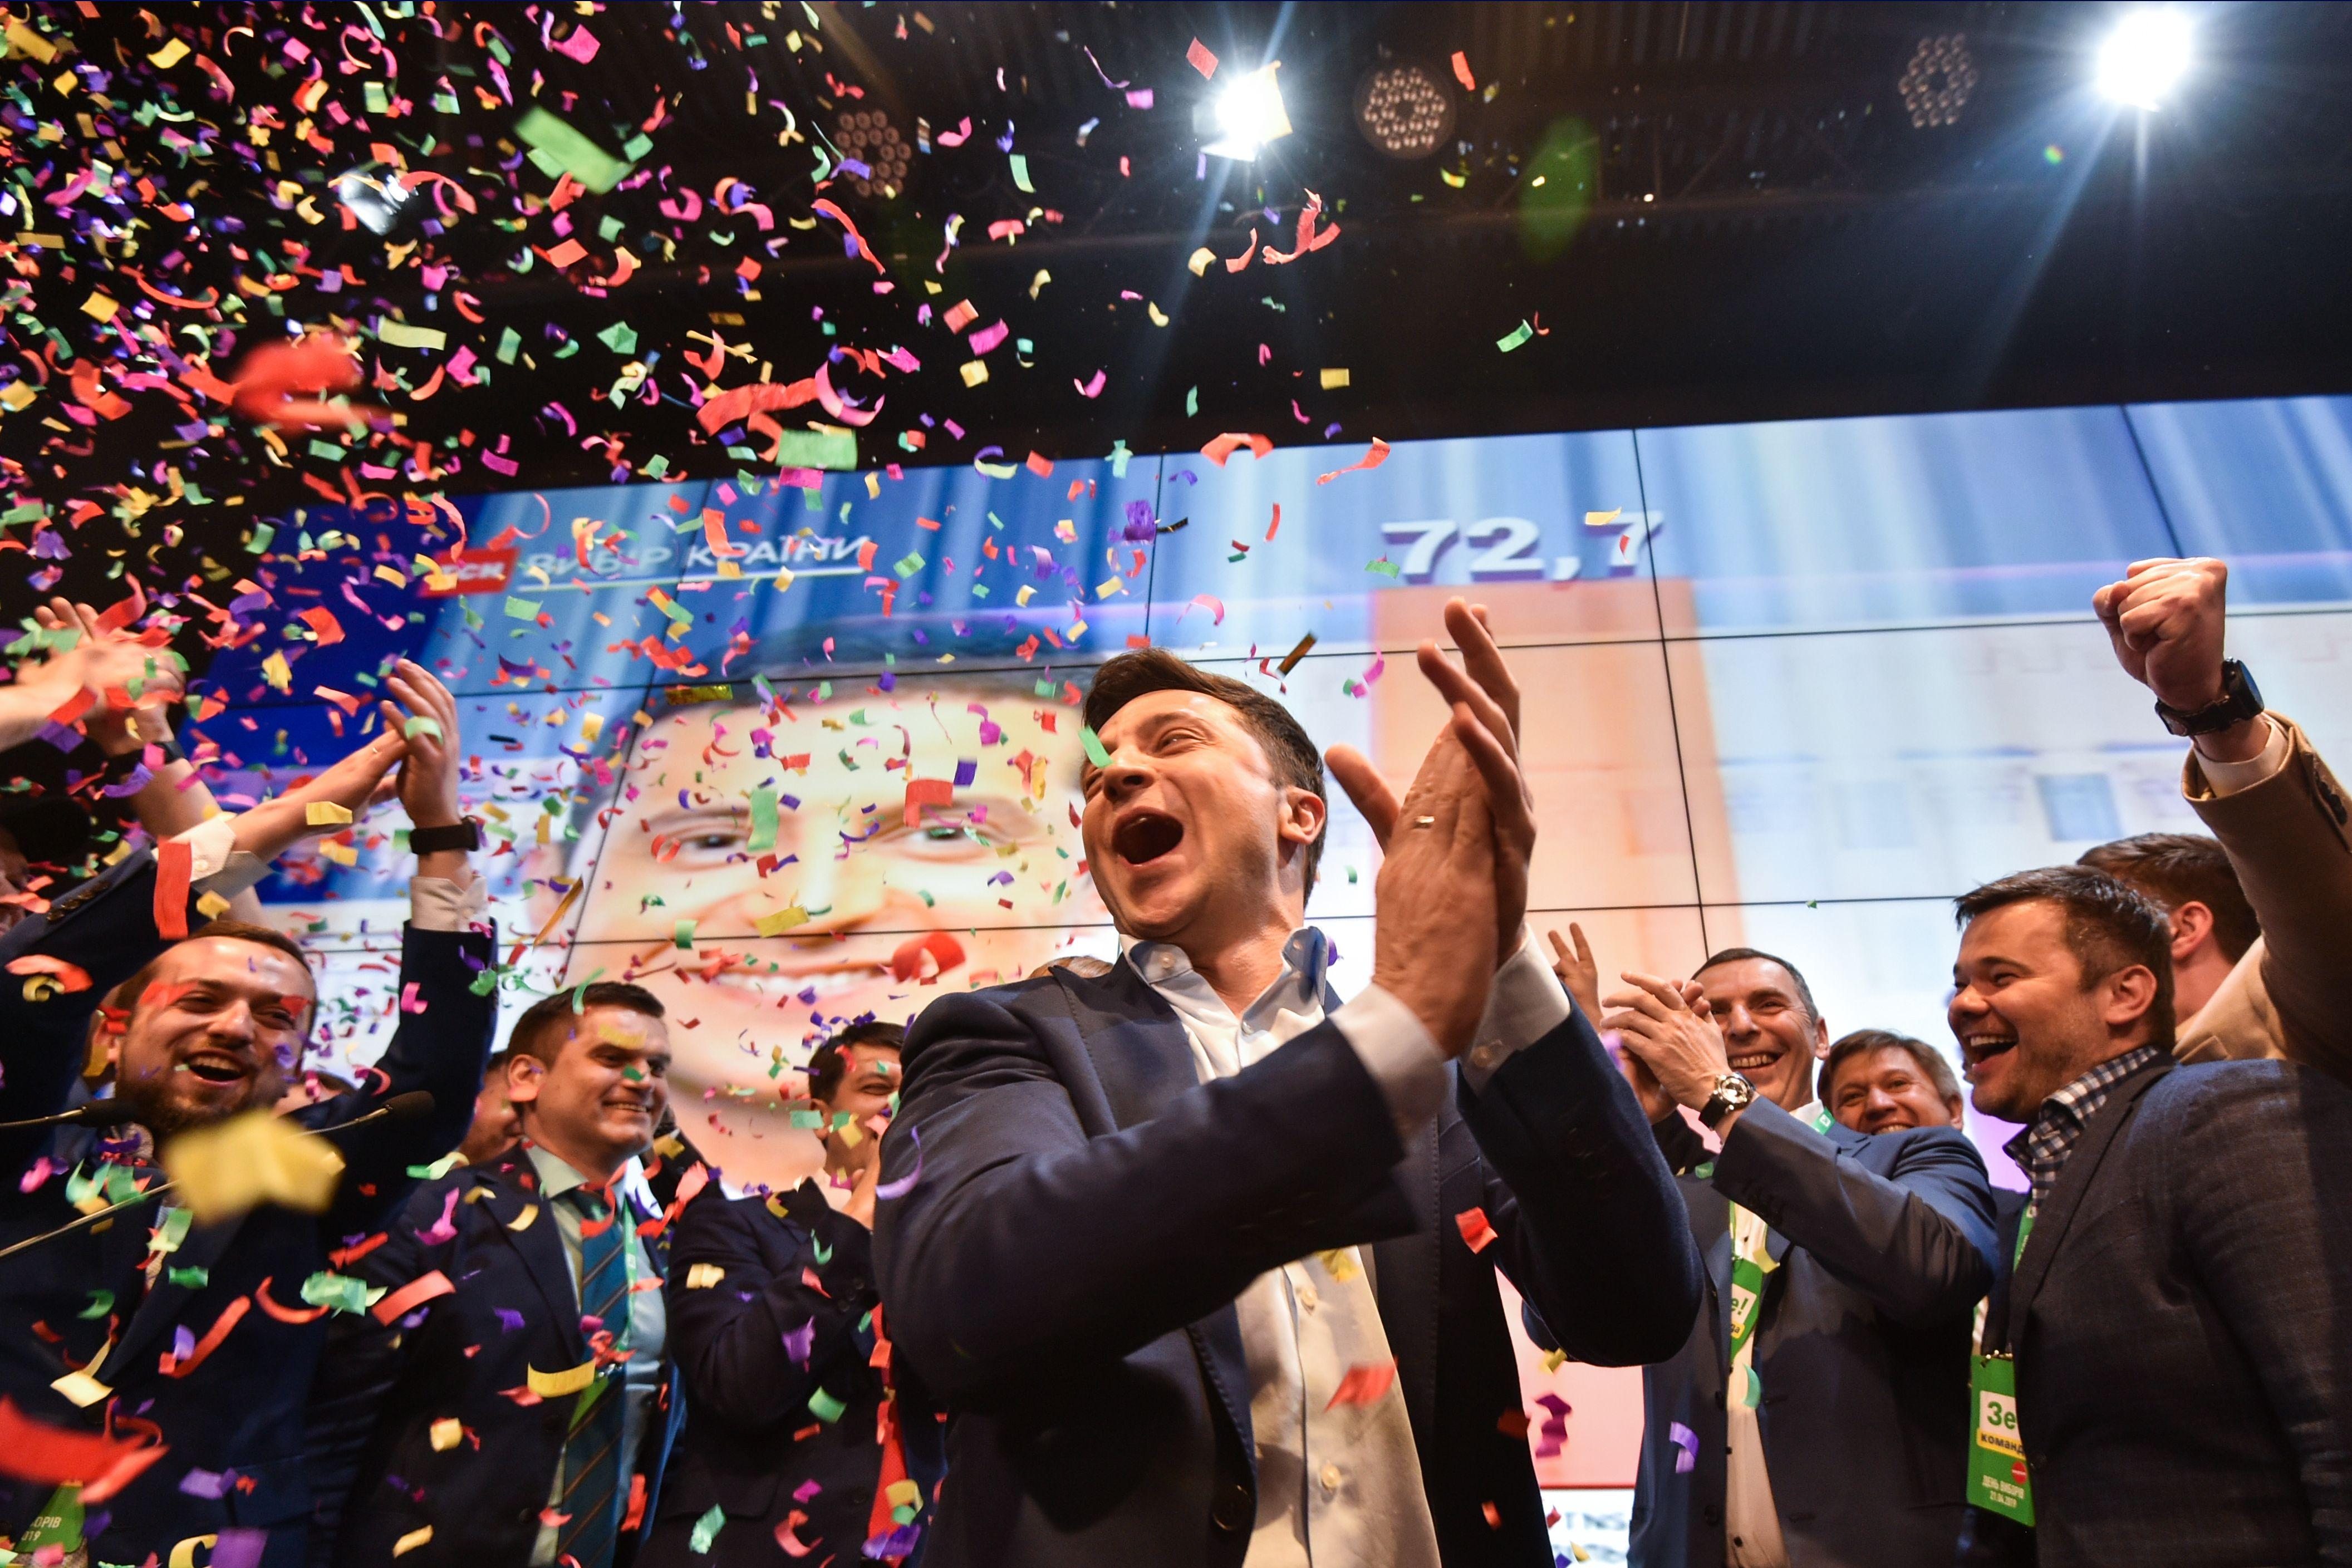 烏克蘭大選出口民調:喜劇演員輕鬆獲勝